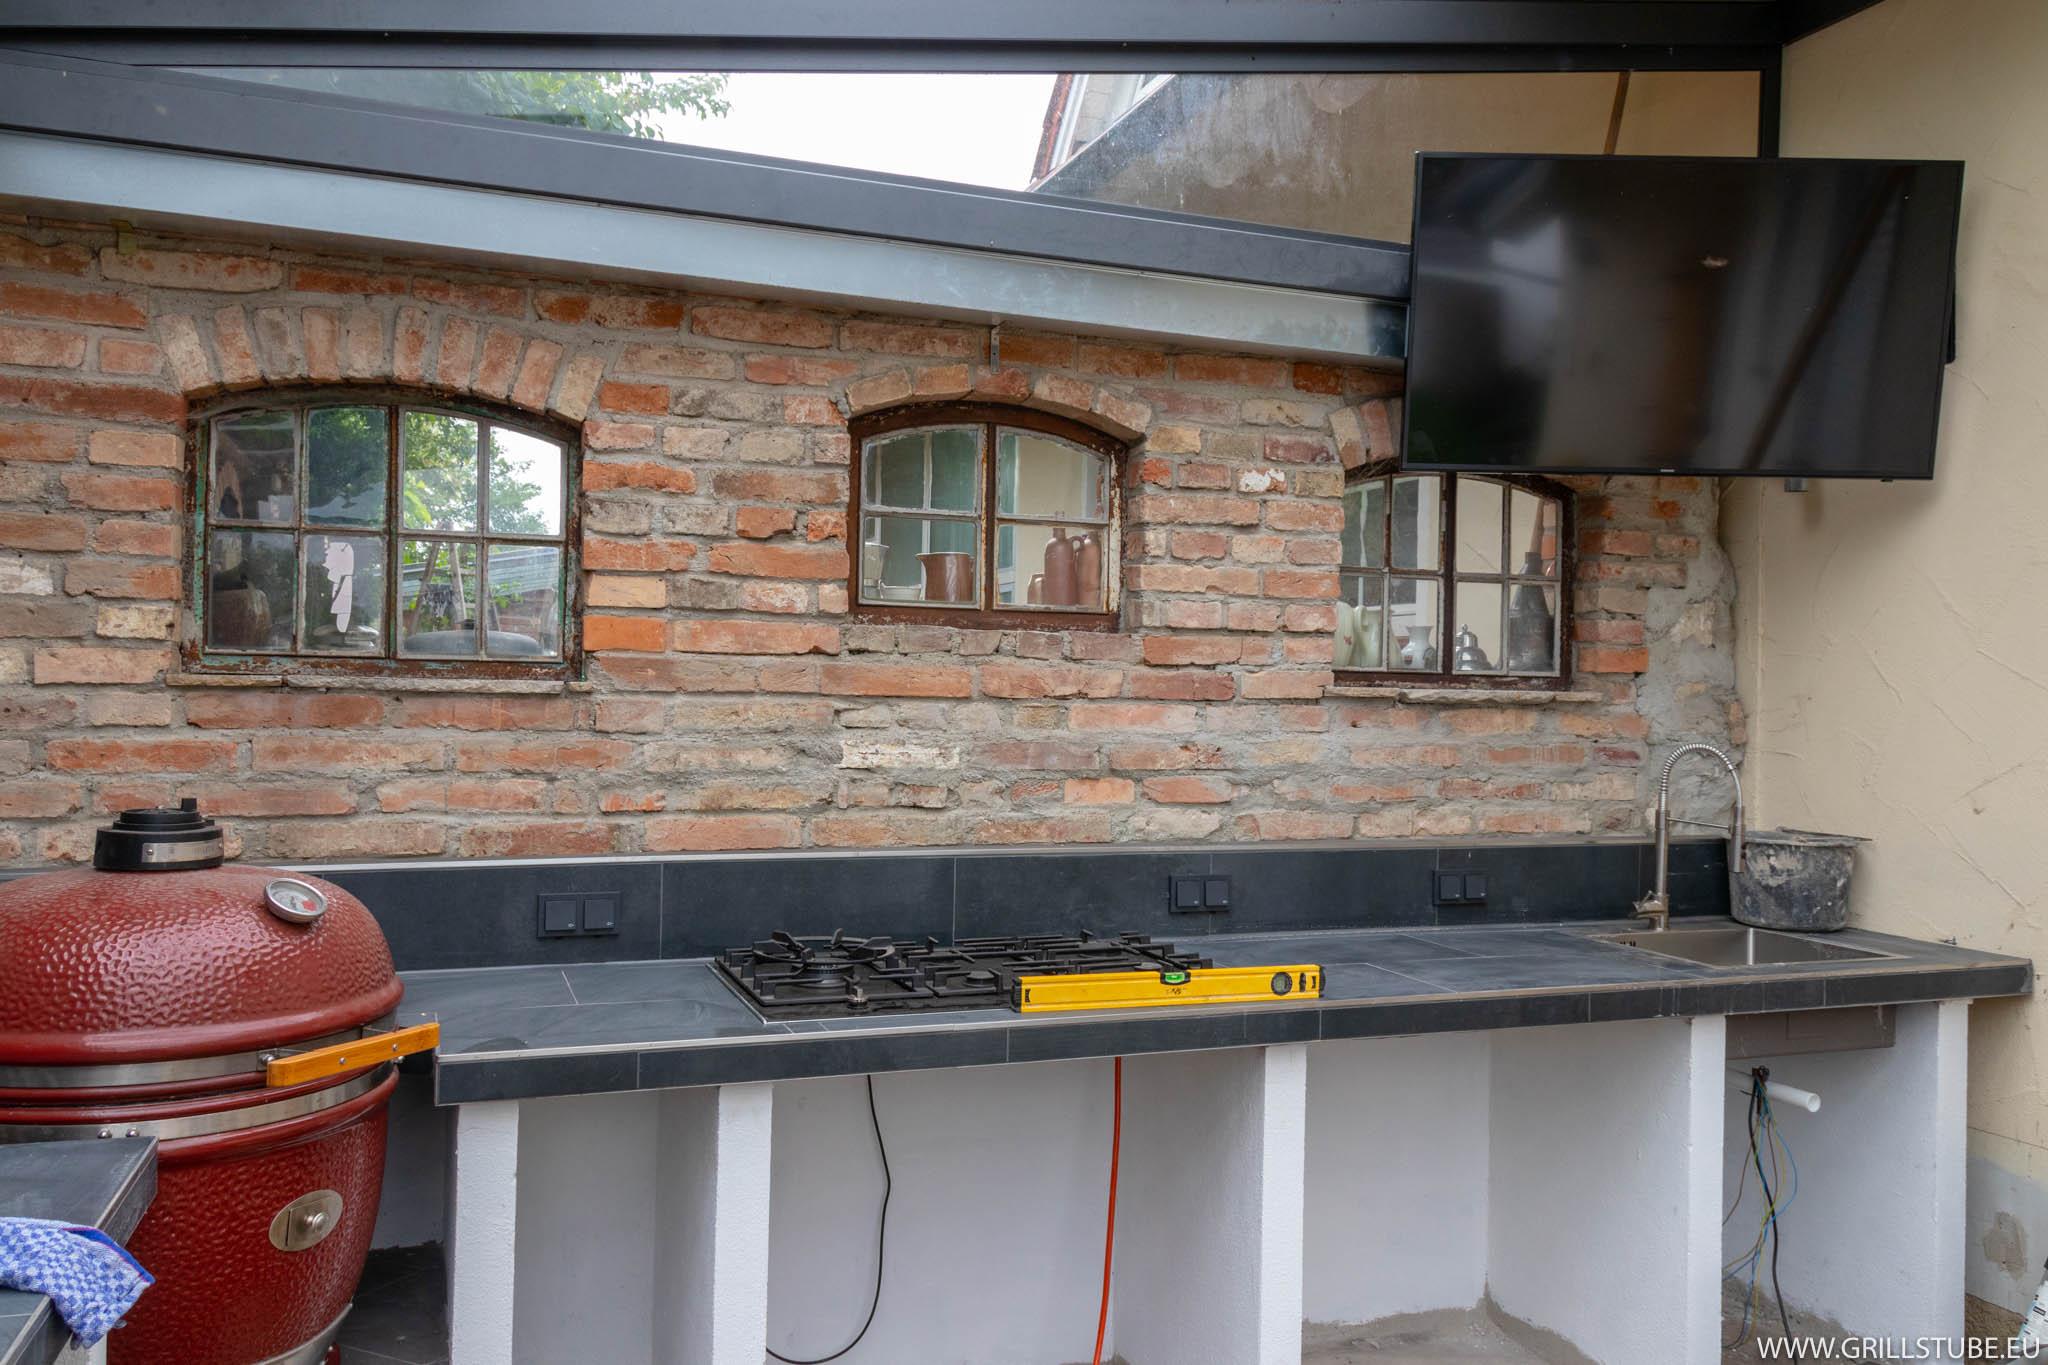 Outdoorküche Gas Ideal : Outdoorküche u uhd tv für gemütliche abende andys grillstube